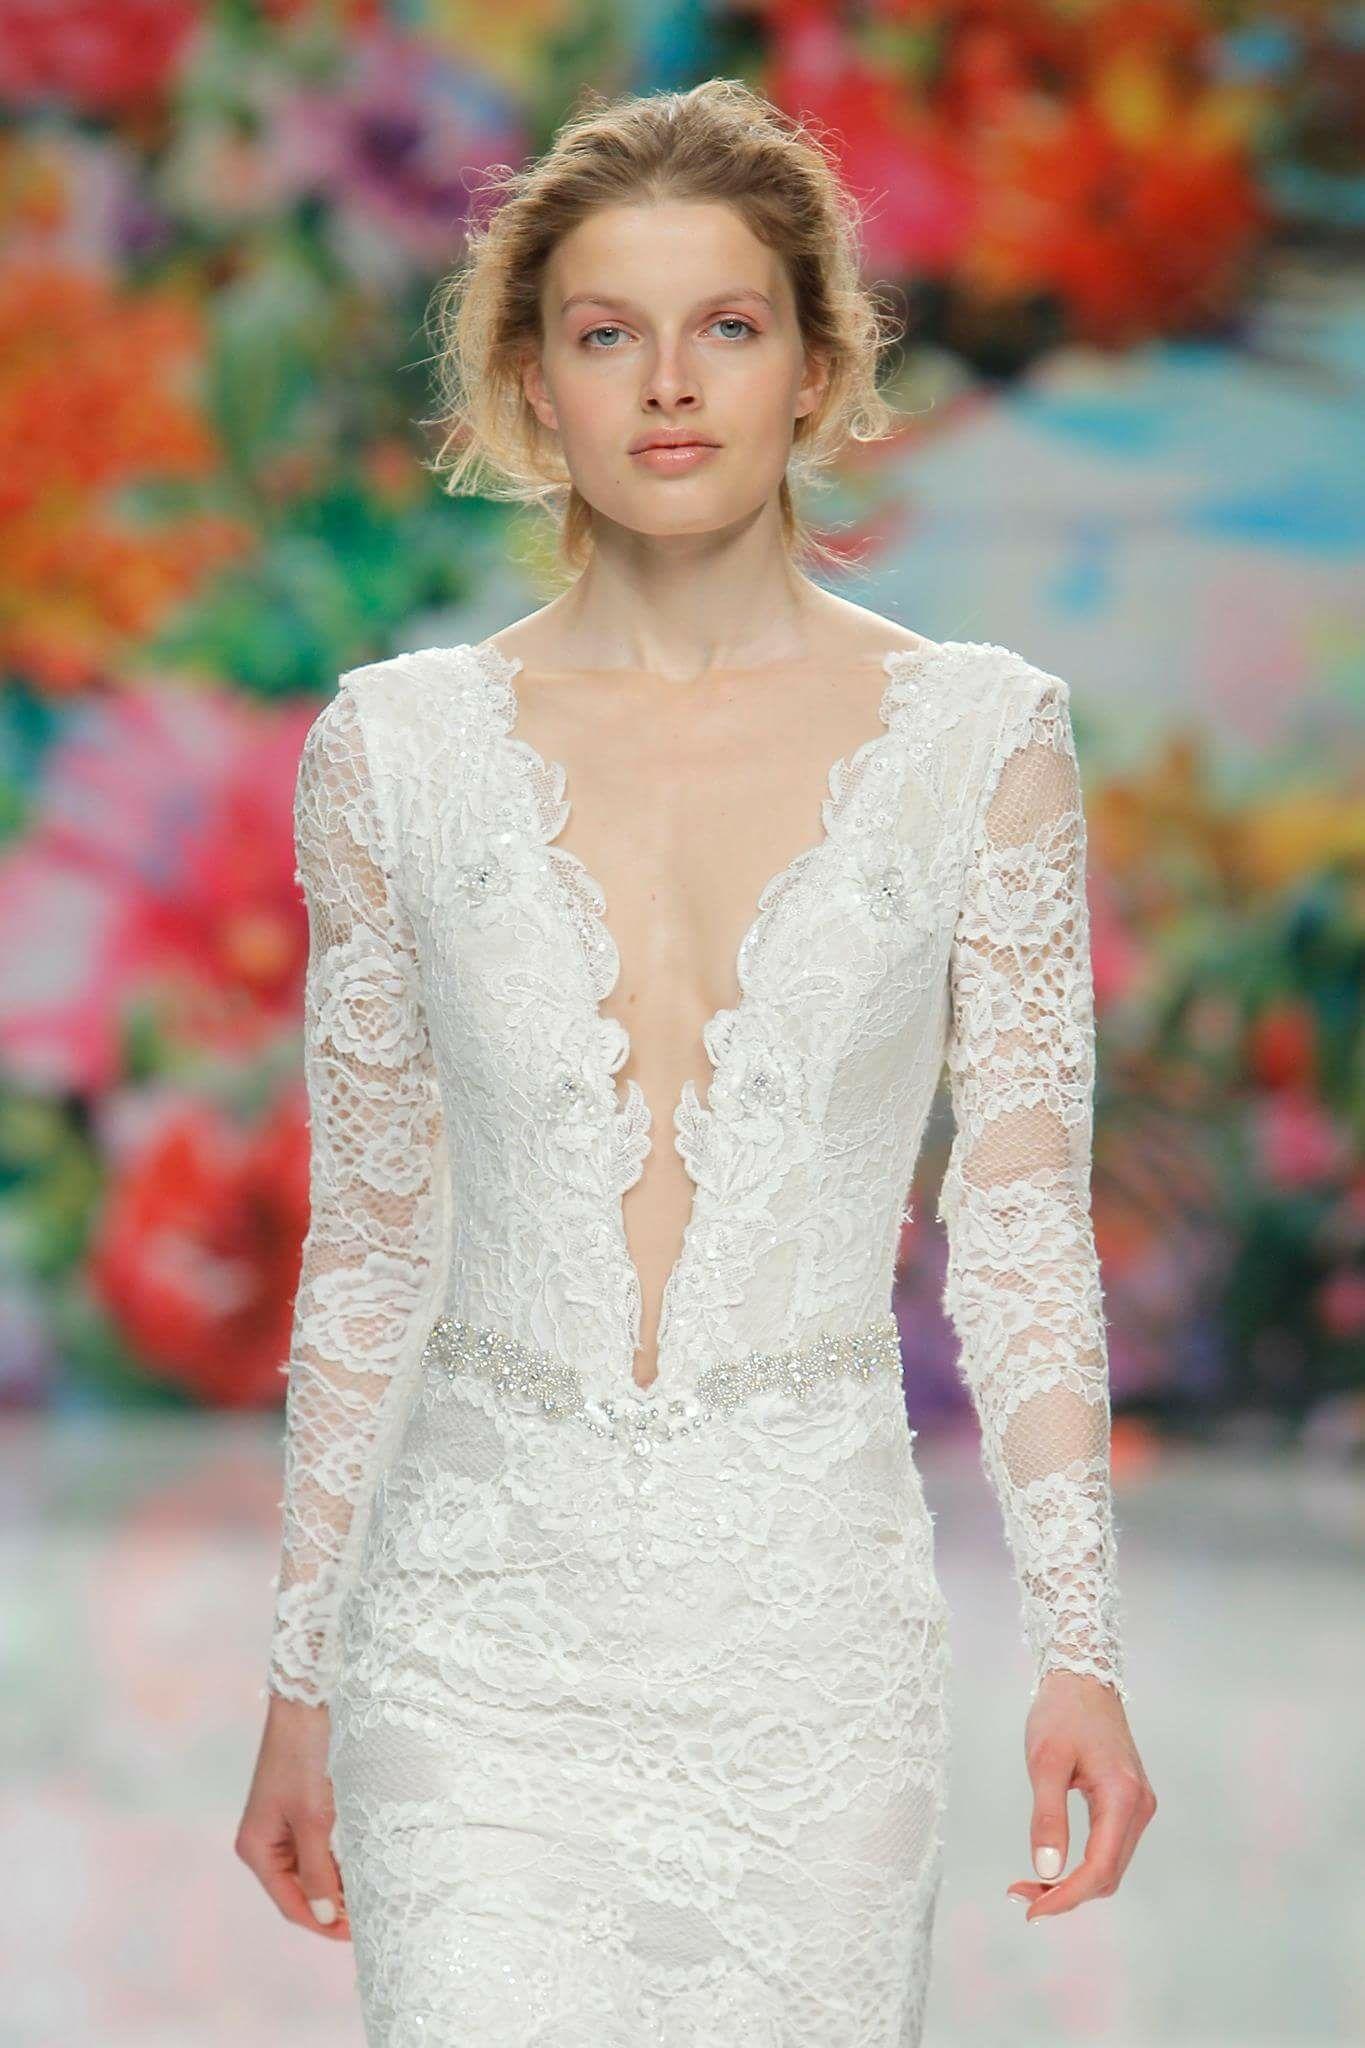 Galia Lahav HAUTE Couture   Bridal dress fashion, Fashion ...